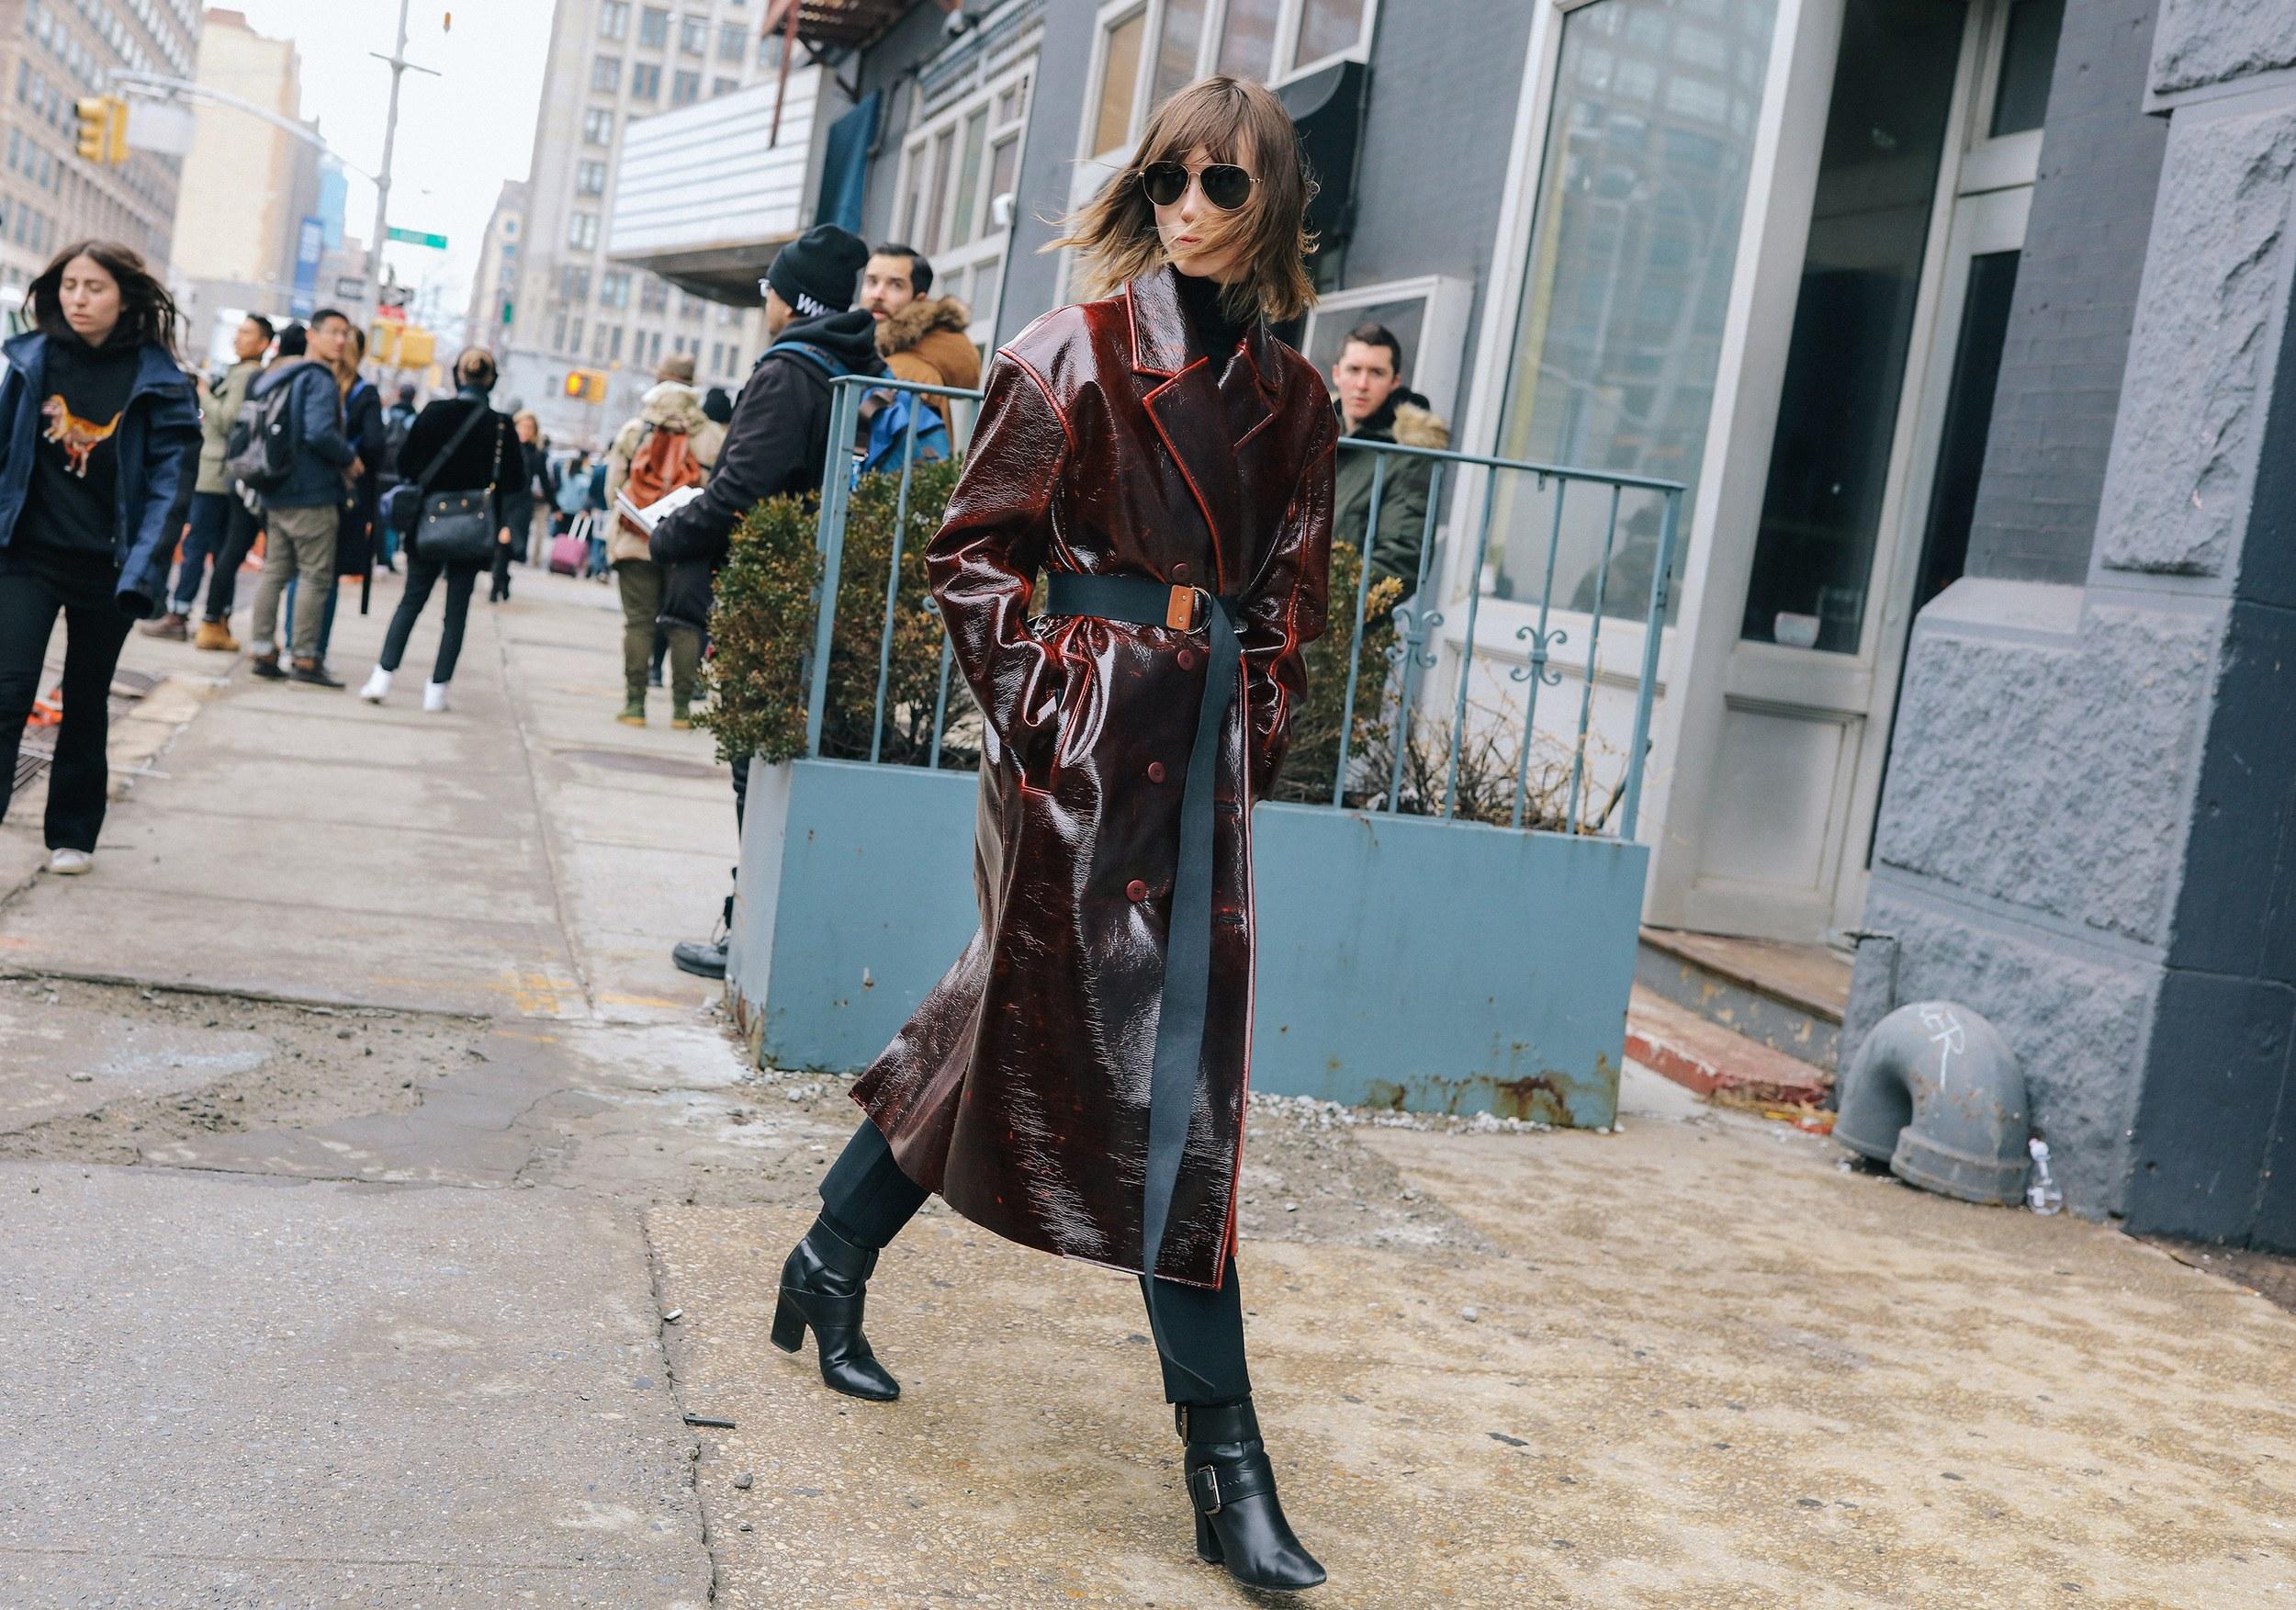 Chiêm ngưỡng đặc sản street style đẹp khó rời mắt tại Tuần lễ thời trang New York - Ảnh 16.